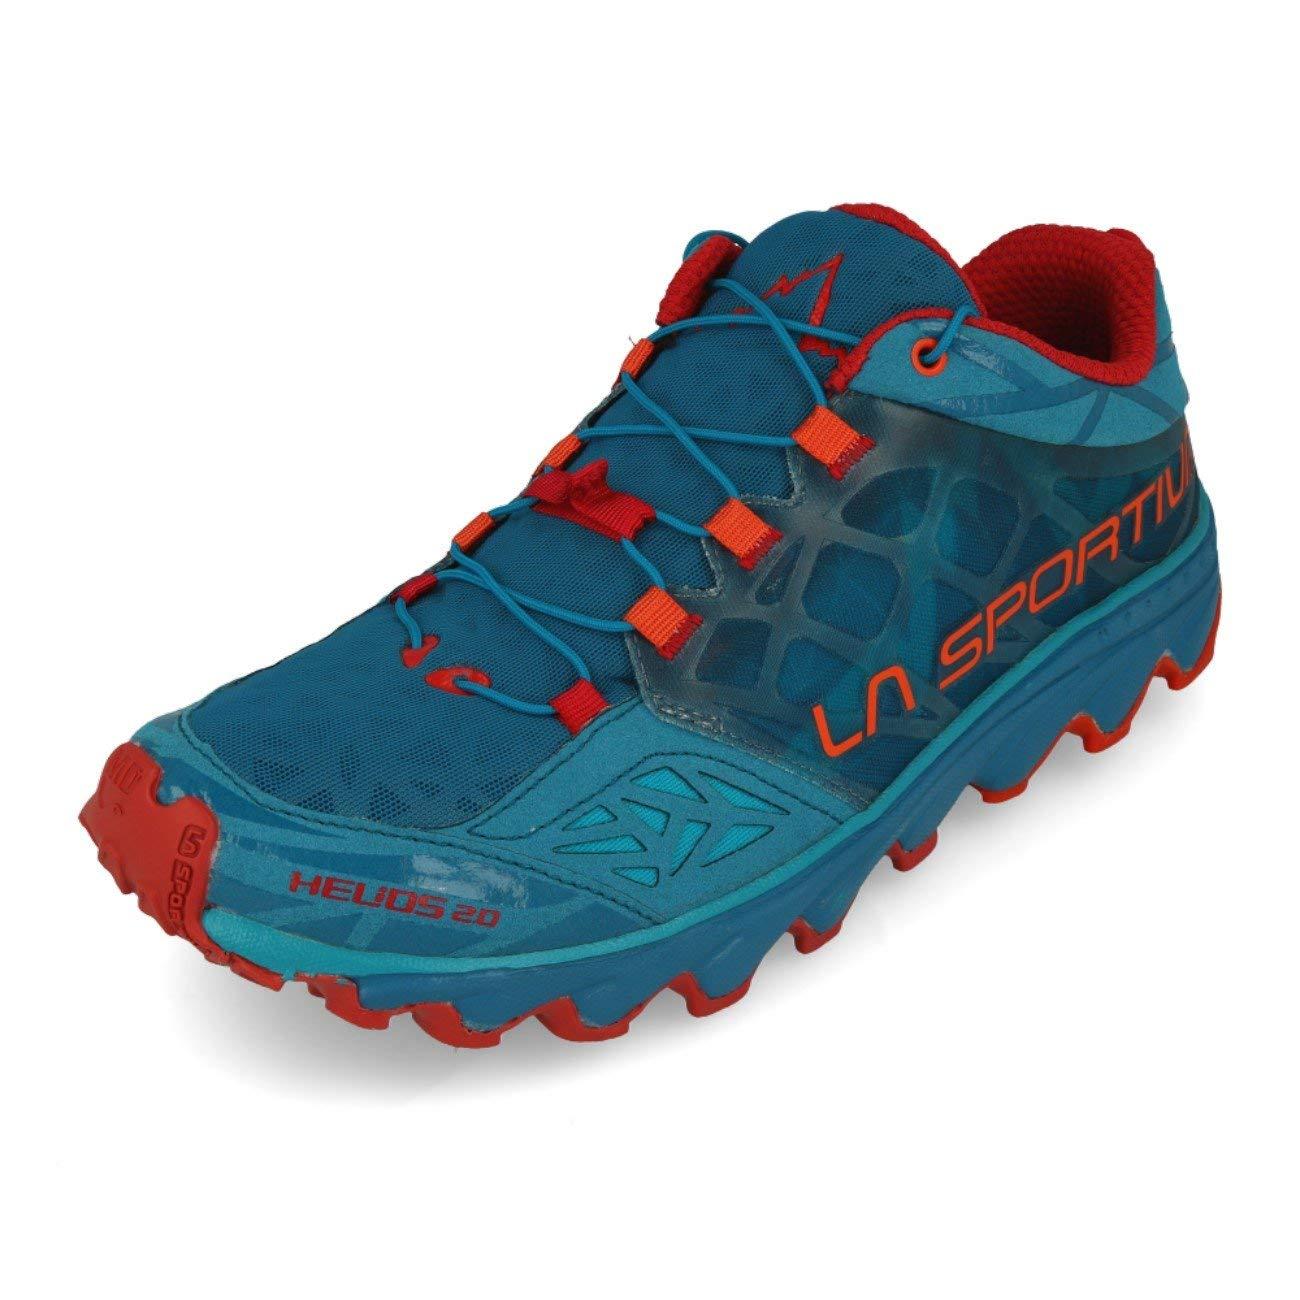 La Sportiva Herren Helios 2.0 Traillaufschuhe blau 44.5 EU